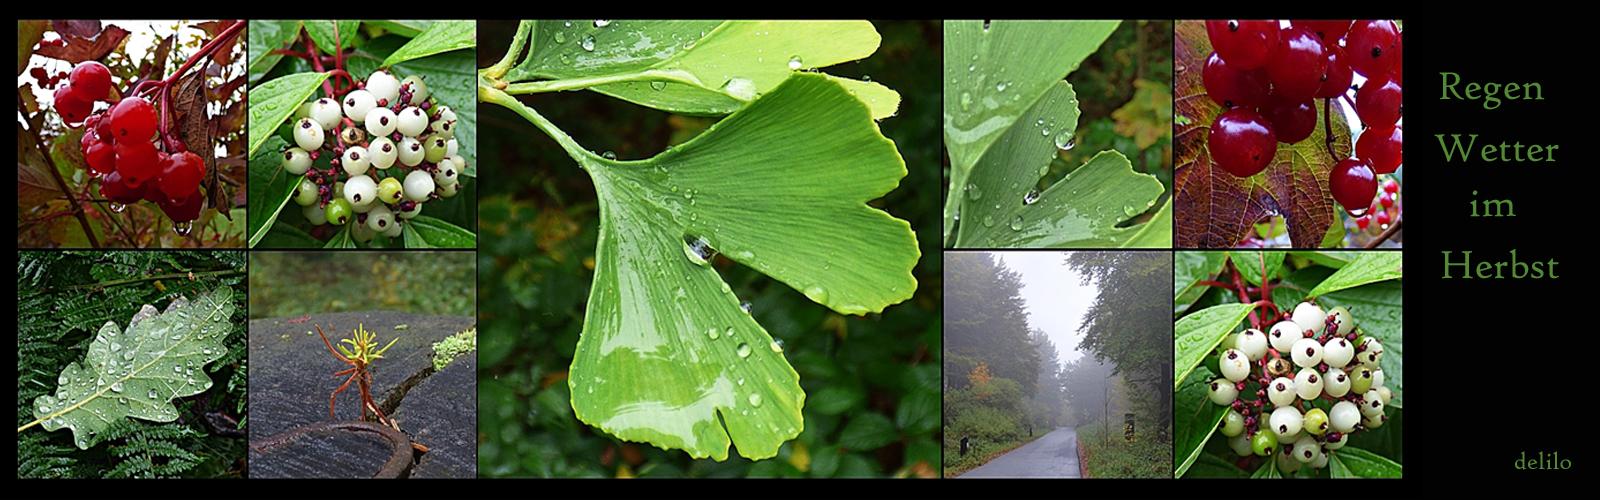 Regen-Wetter im Herbst